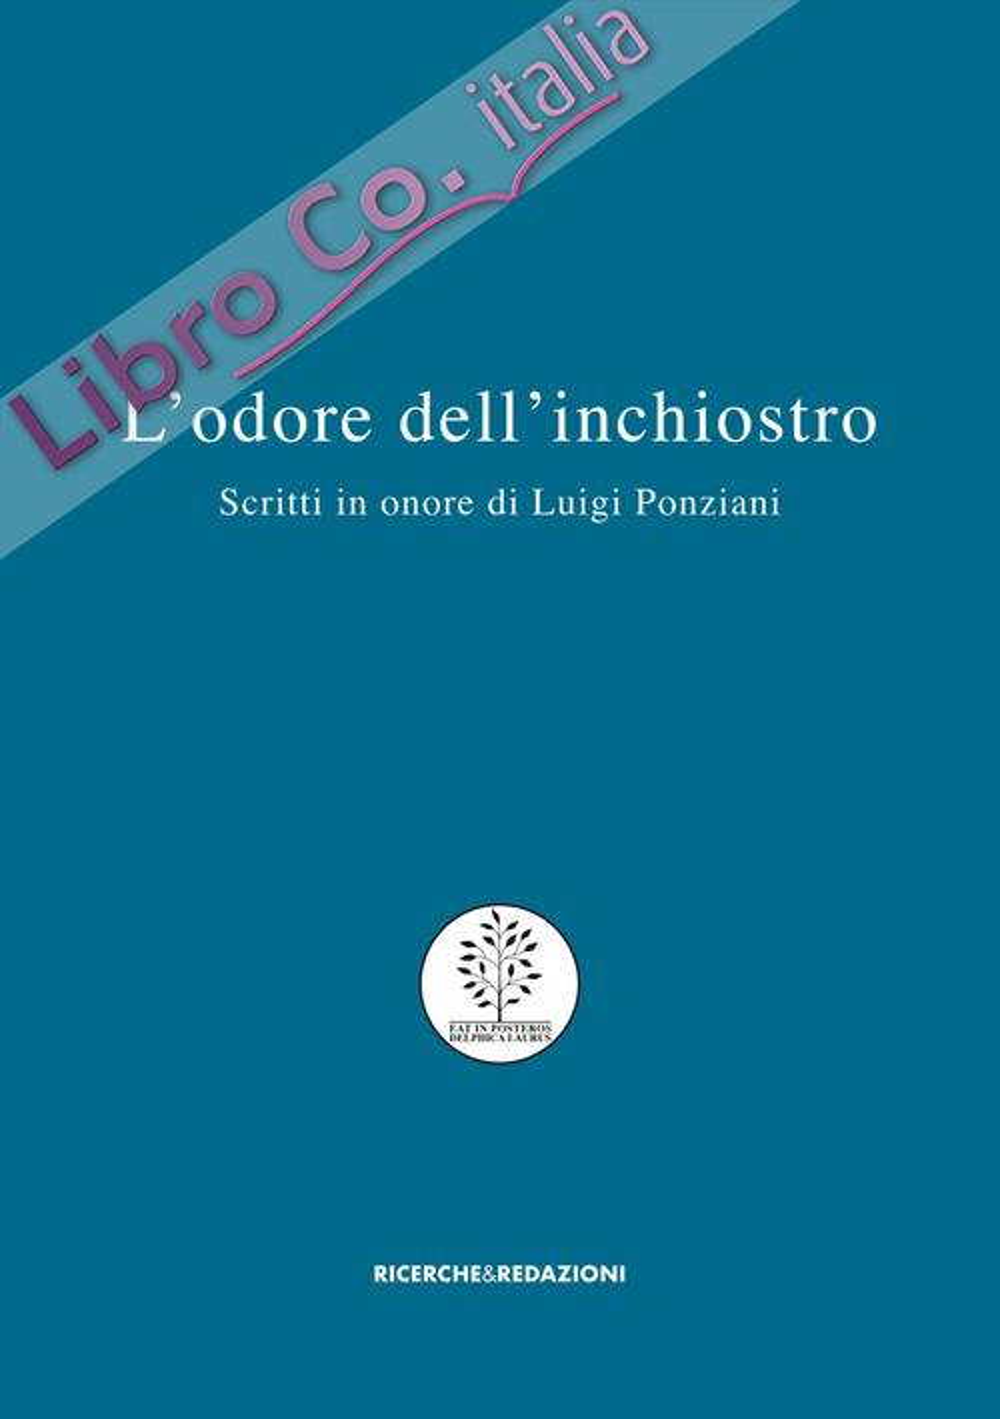 L'odore dell'inchiestro. Scritti in onore di Luigi Ponziani